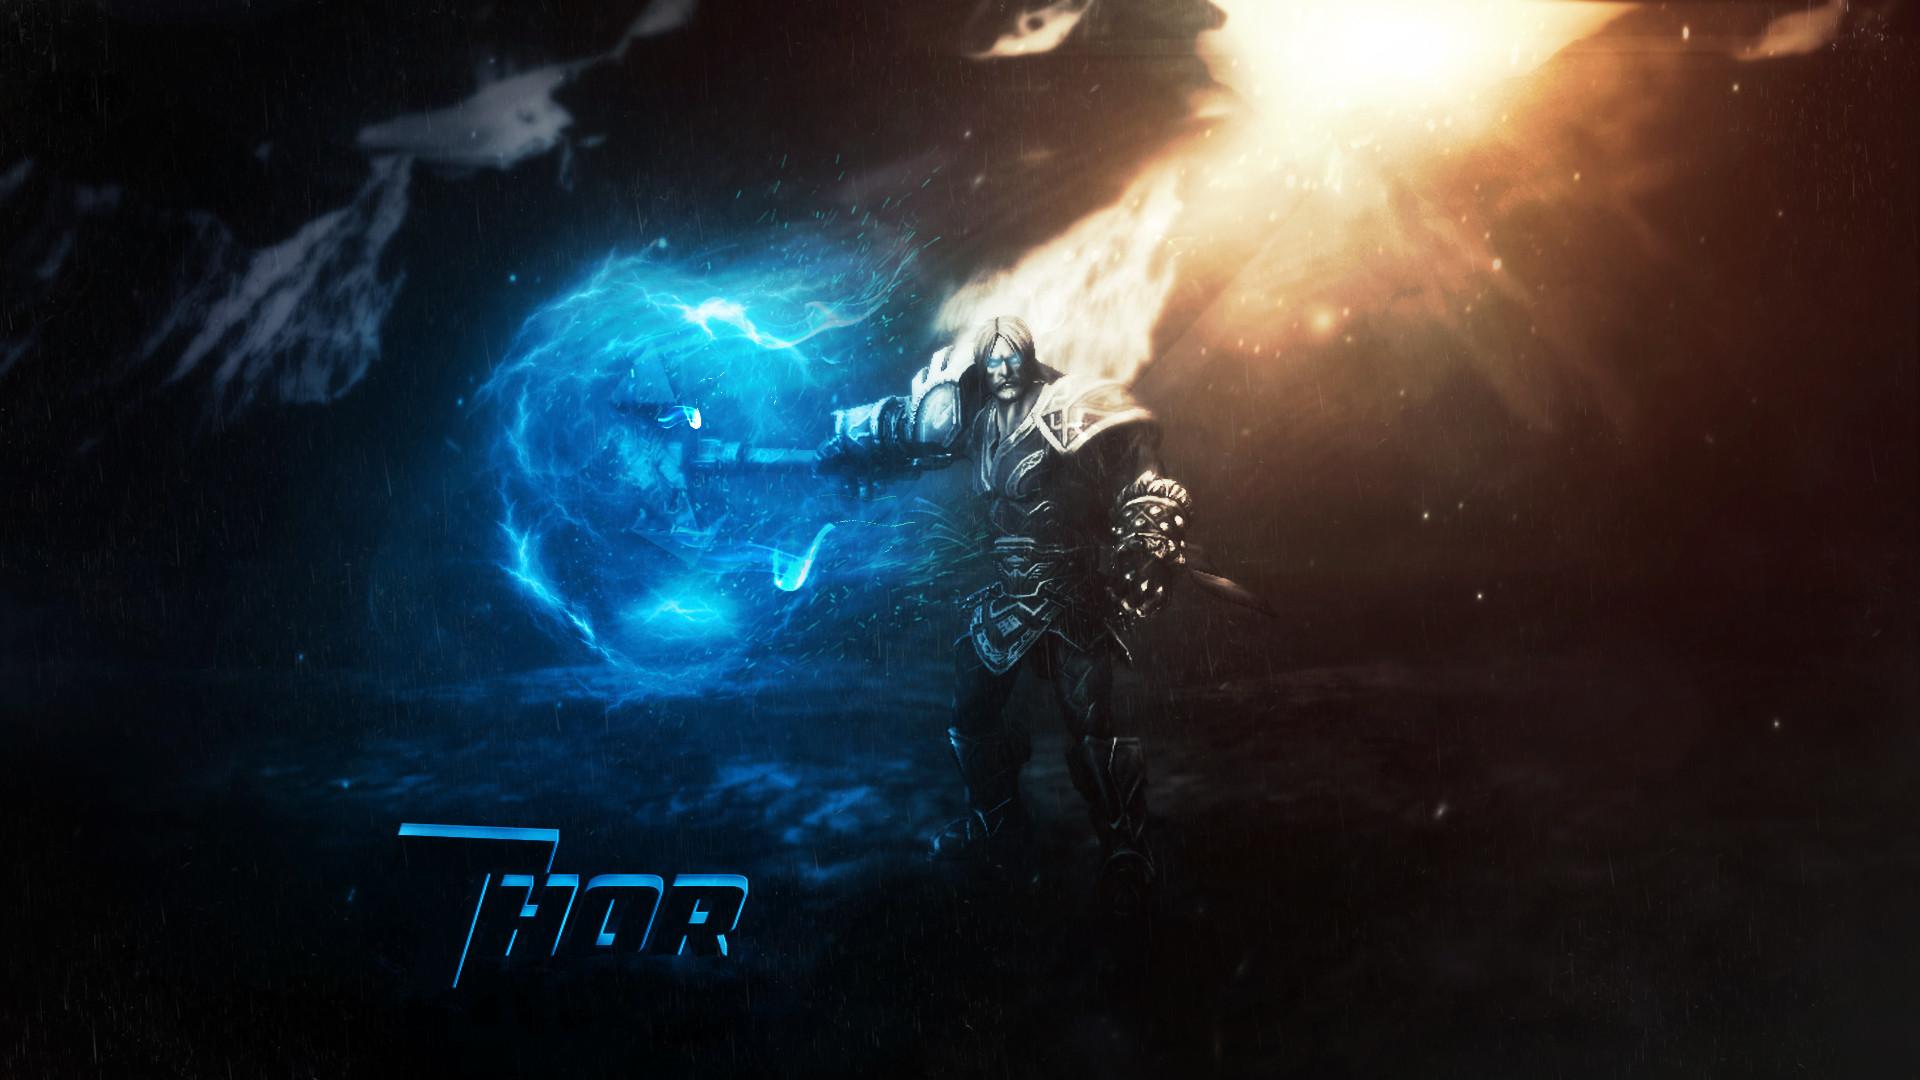 Thor: https://orig04.deviantart.net/c95c/f/2014/016/0/4/thor_wallpaper__smite__by_banan163-d72ejjo.jpg  …